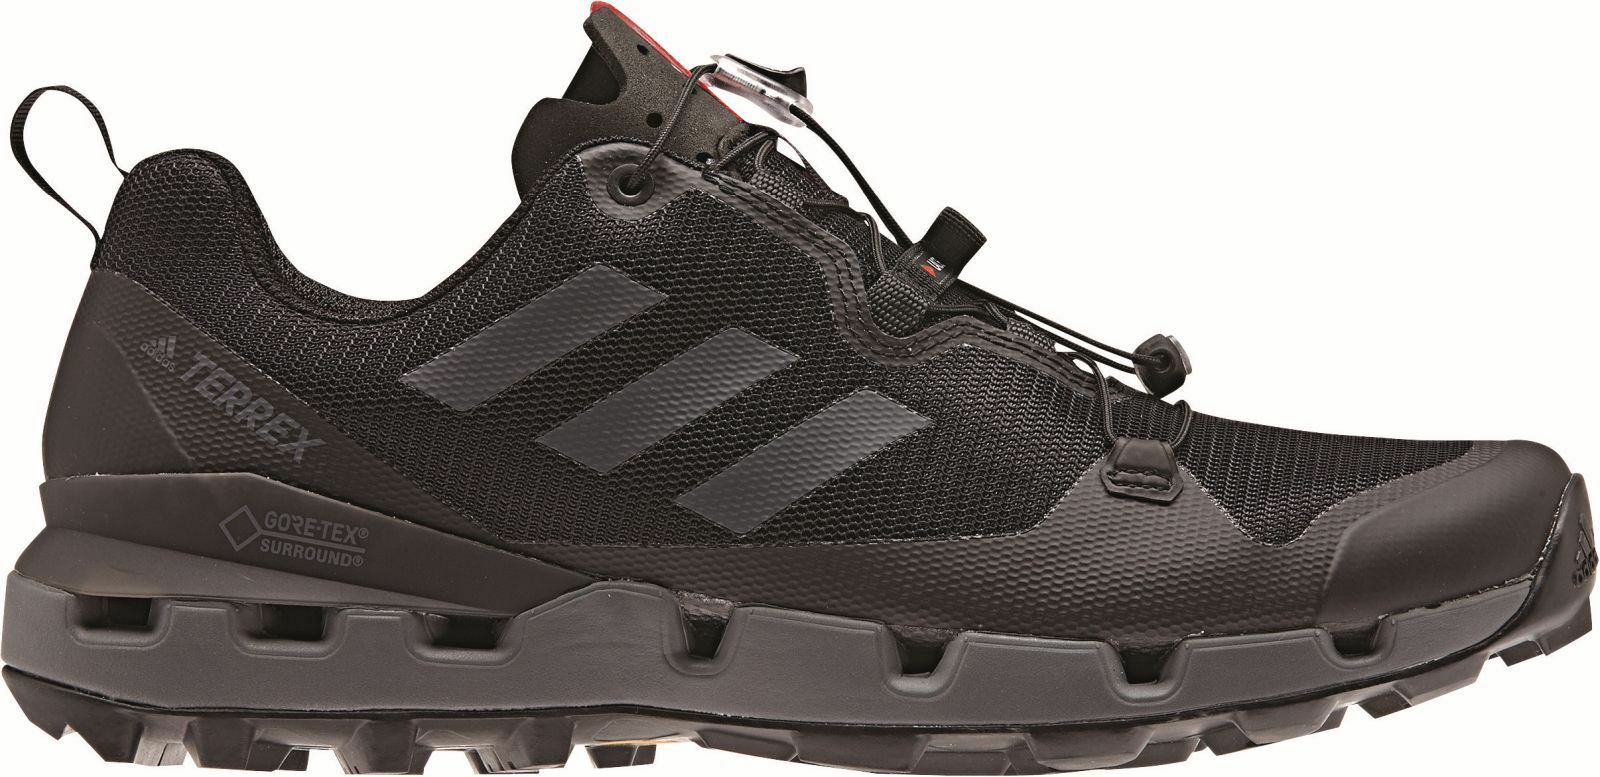 Adidas TERREX Performance Herren Outdoor Wander Schuh TERREX Adidas FAST GTX SURROUND schwarz 6ce086